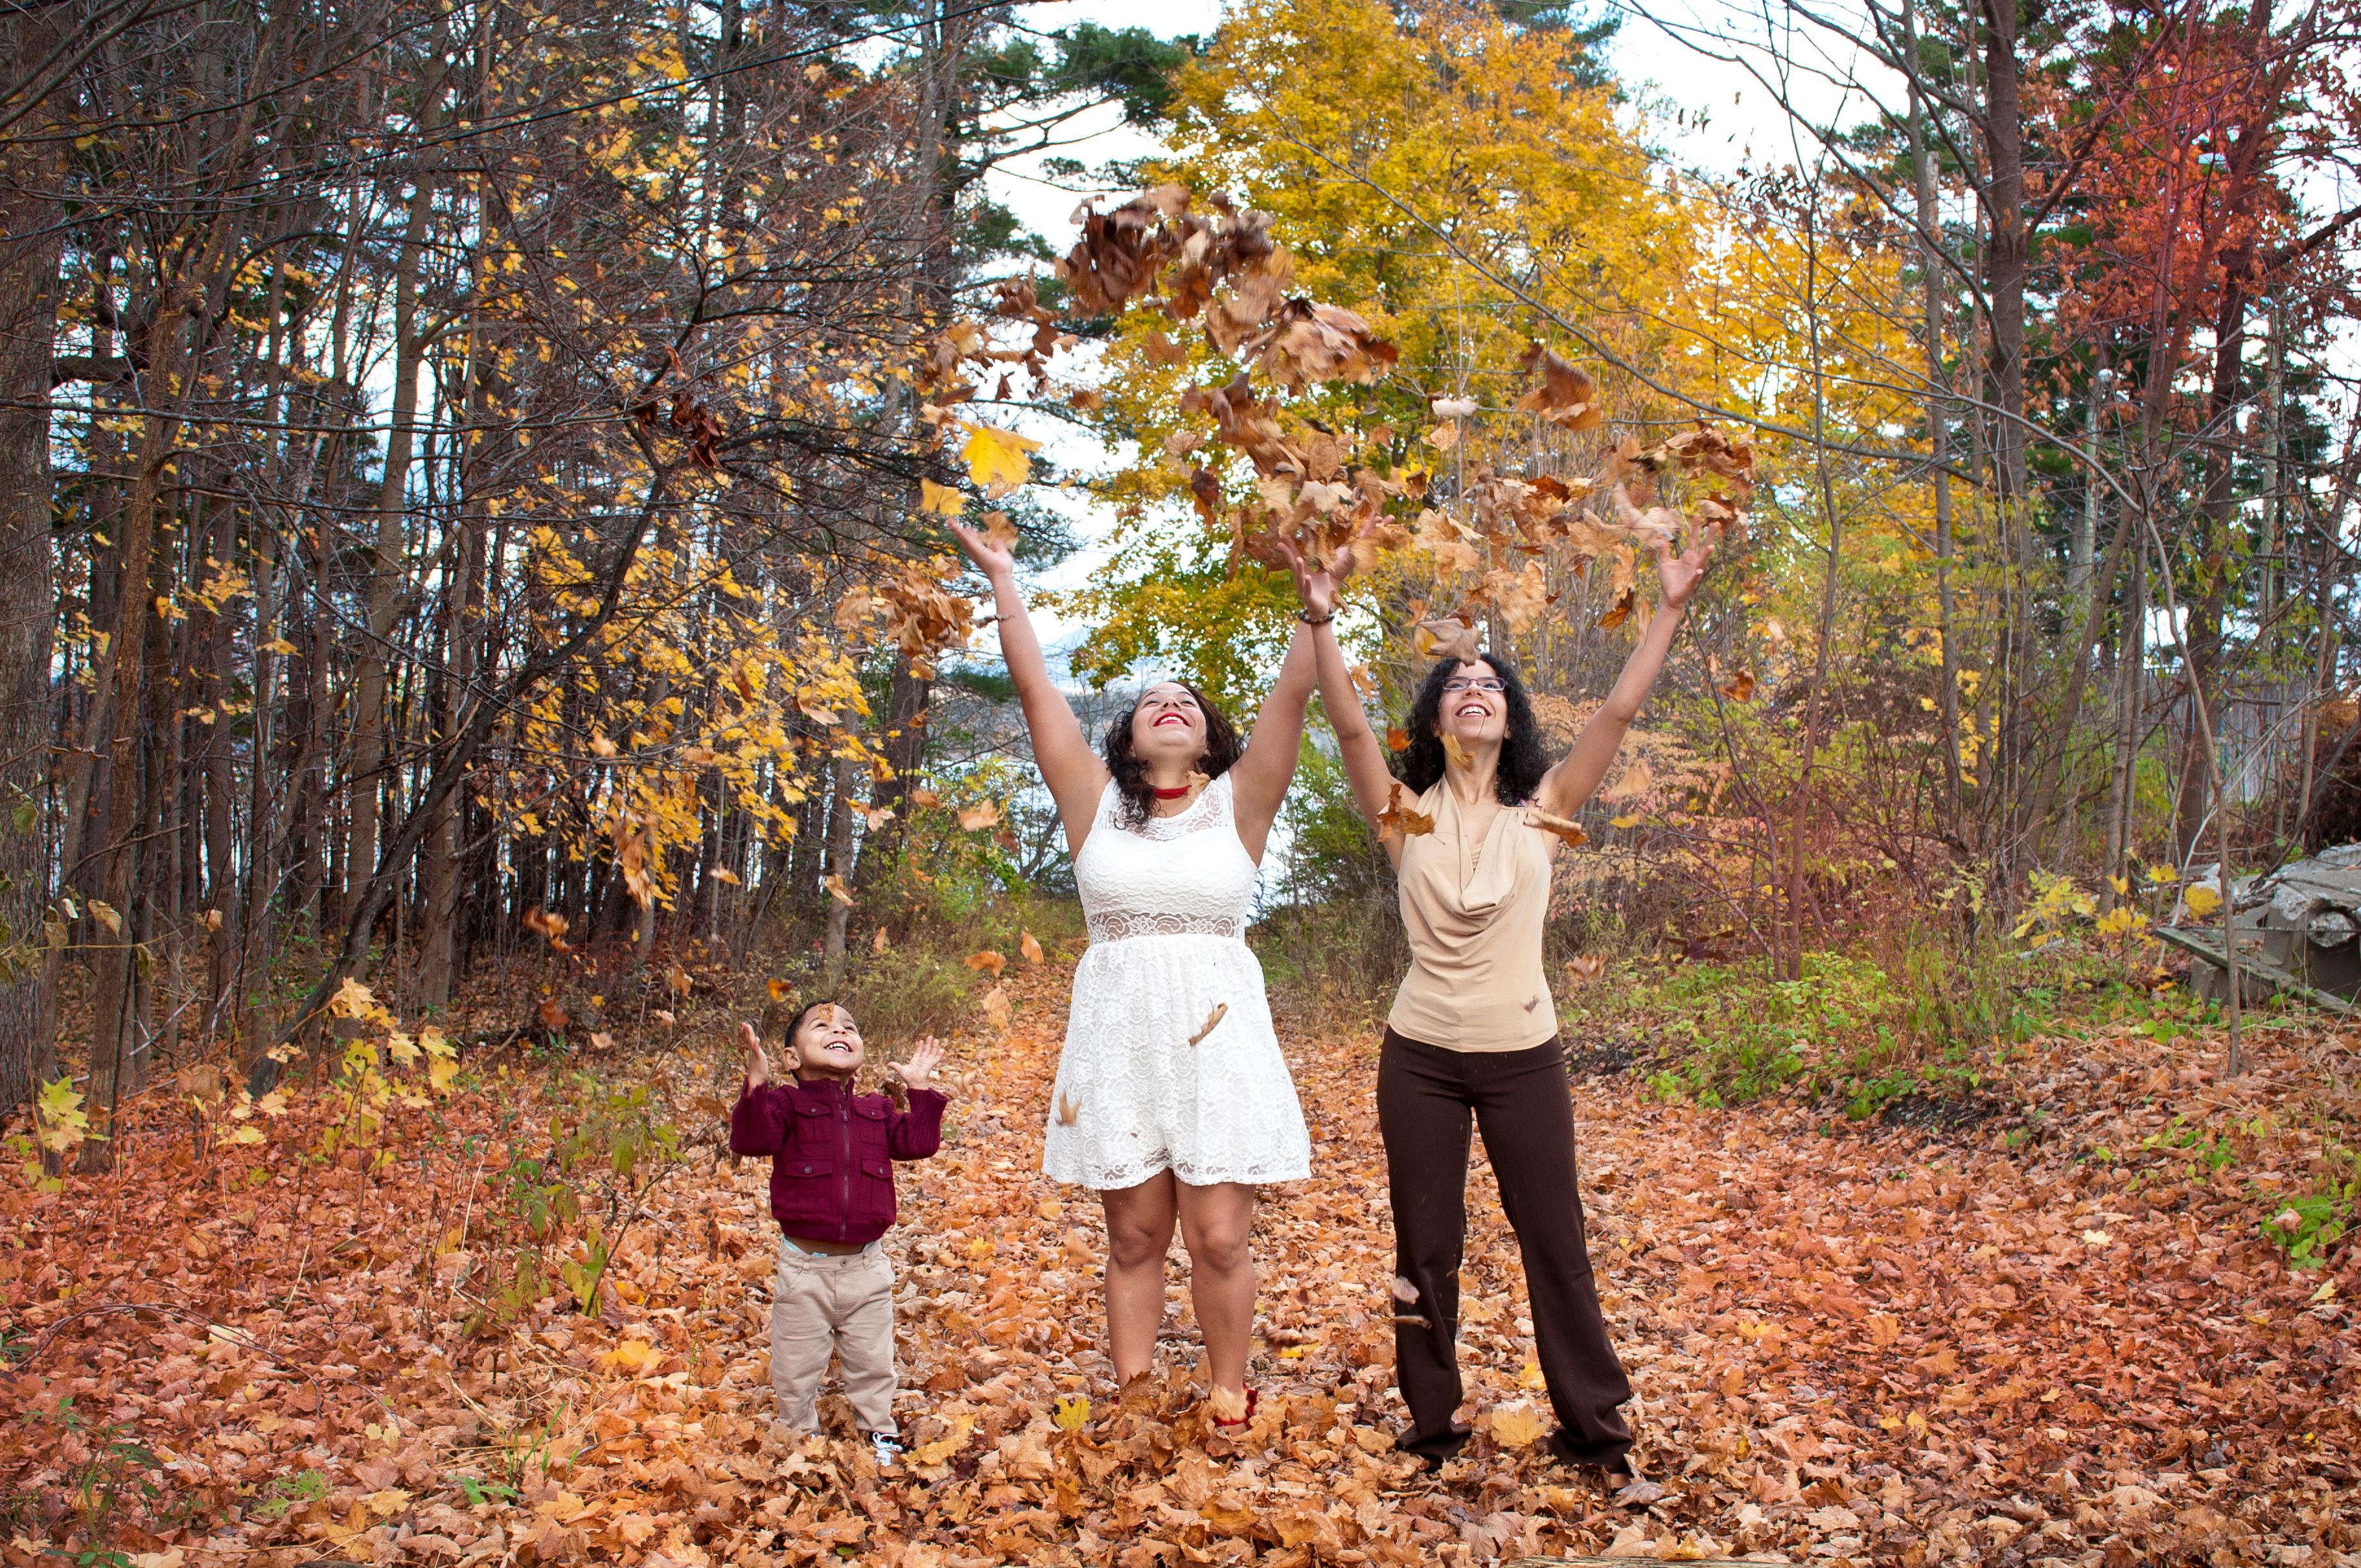 Lee MA Family Photography NY NH VT